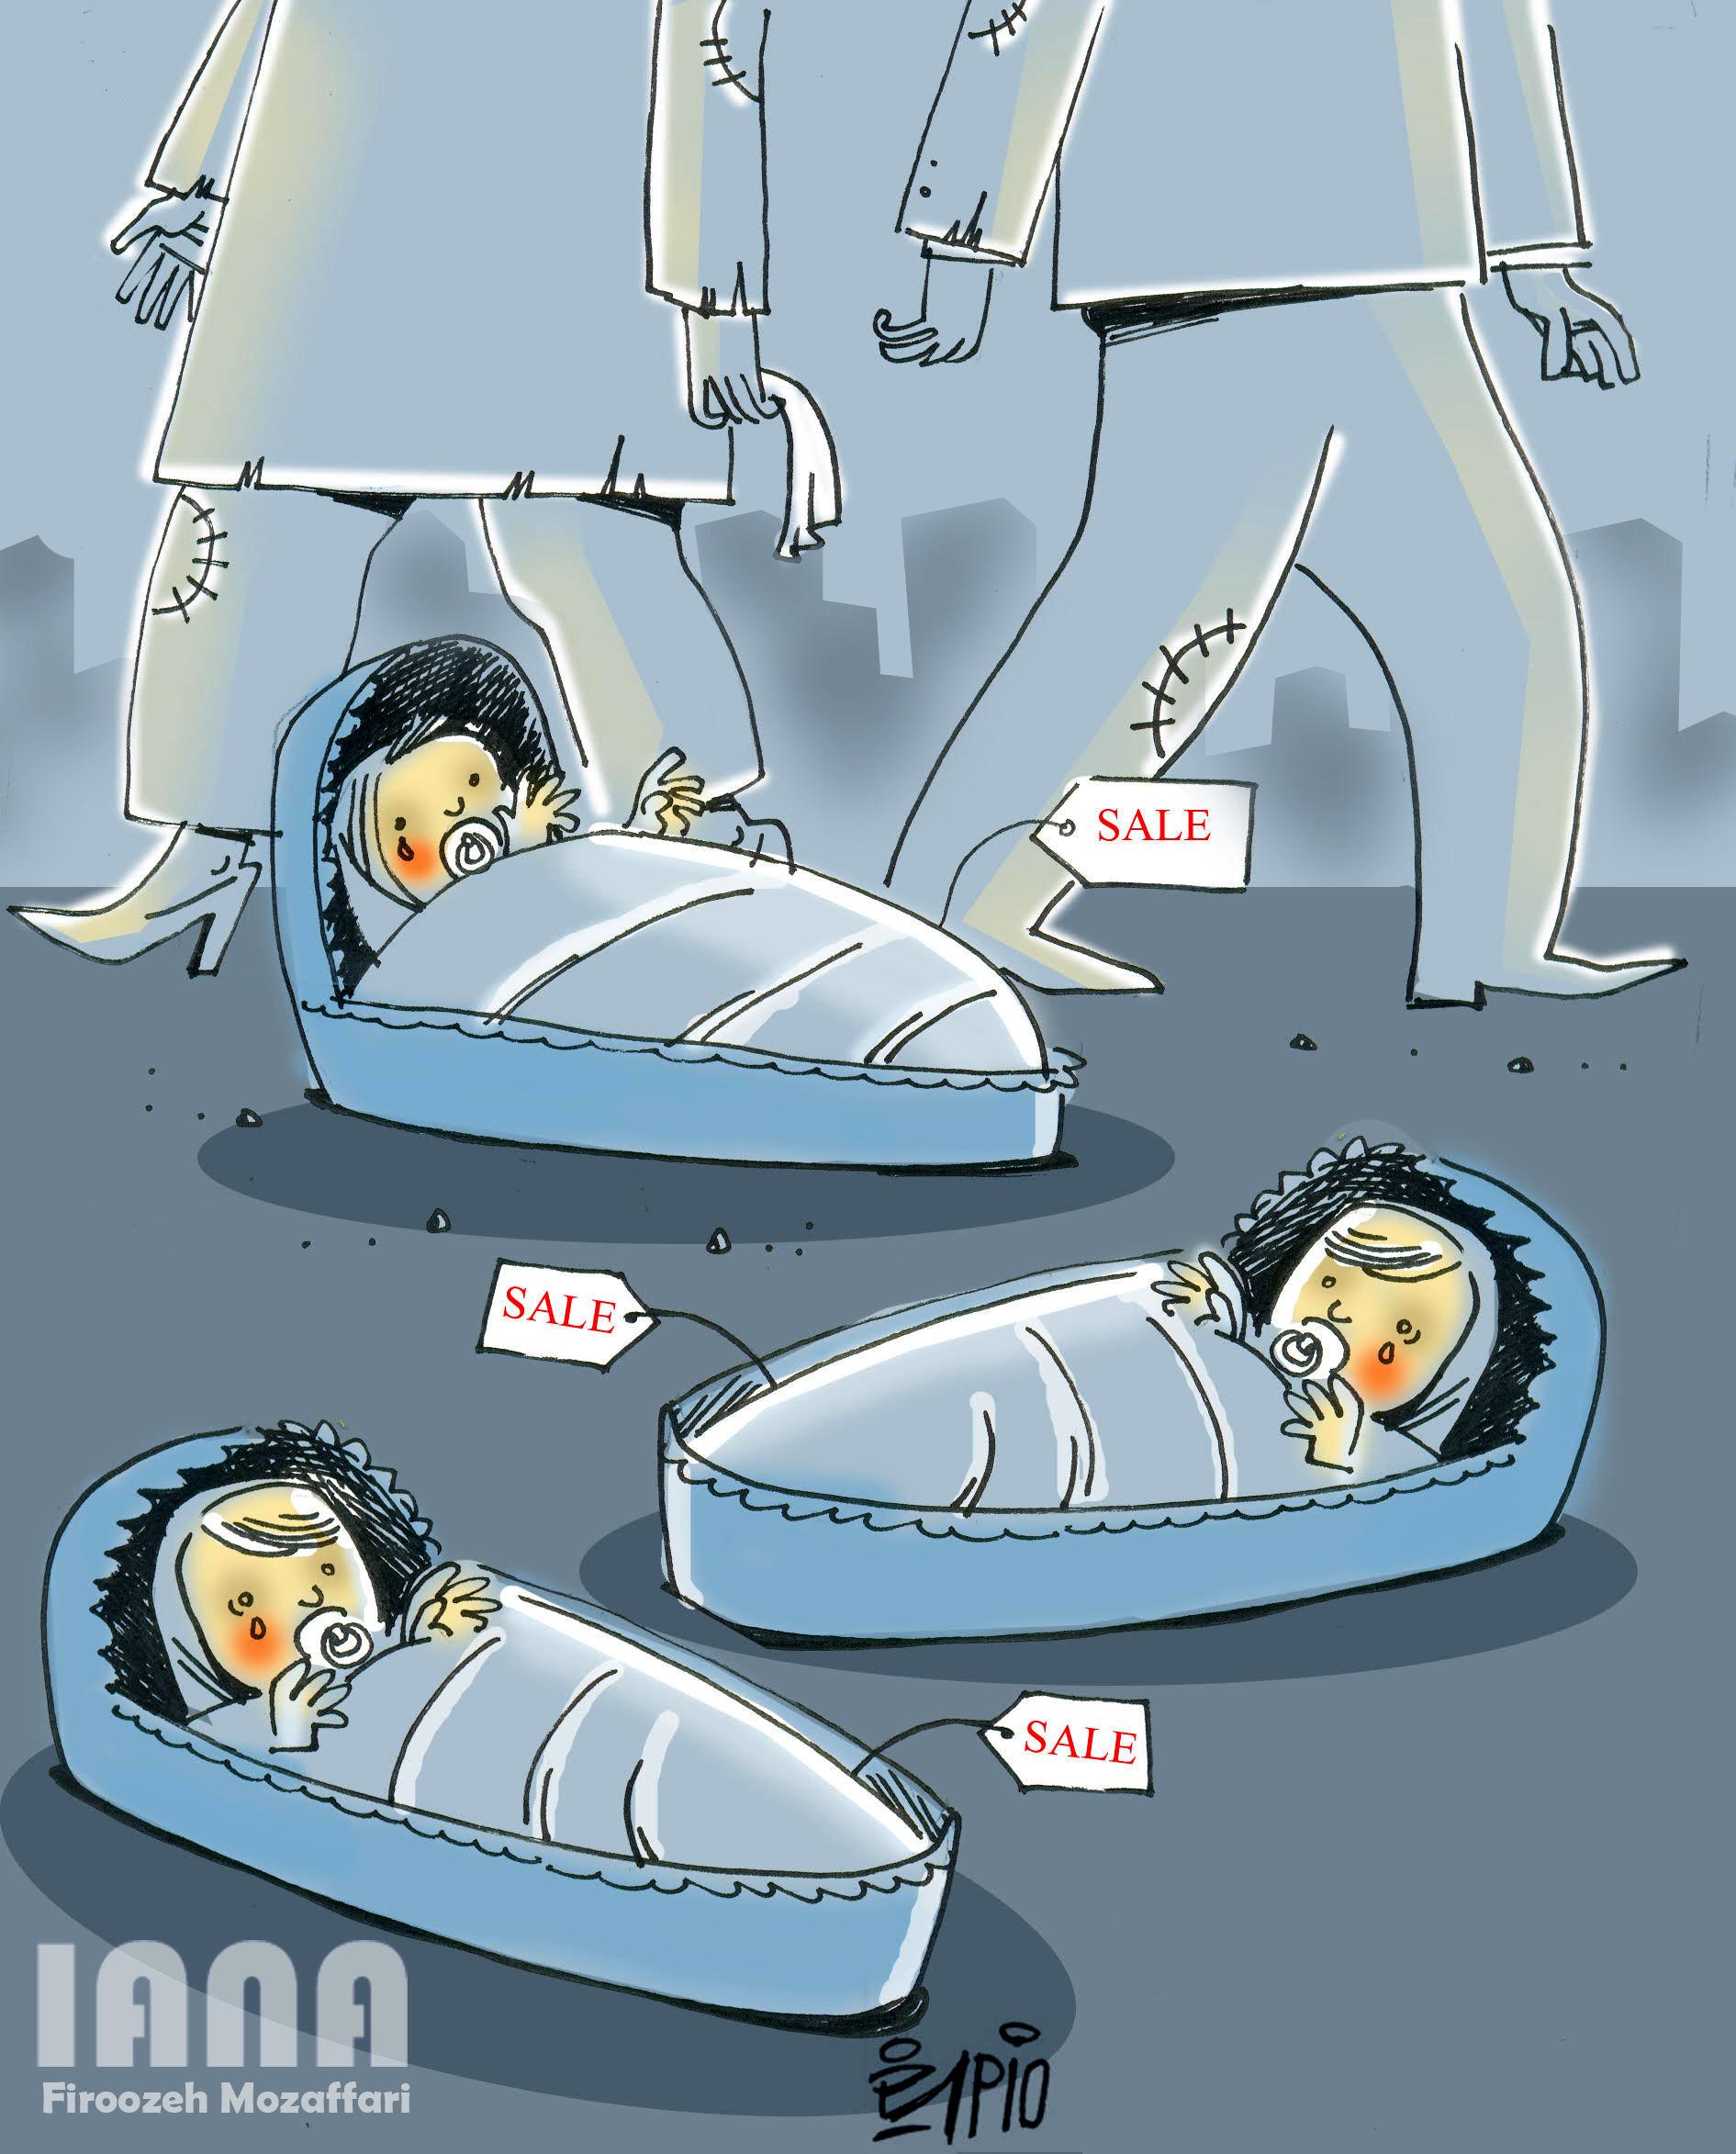 رییس سازمان امور اجتماعی :فروش نوزاد را کتمان نمی کنیم -کارتون فیروزه مظفری